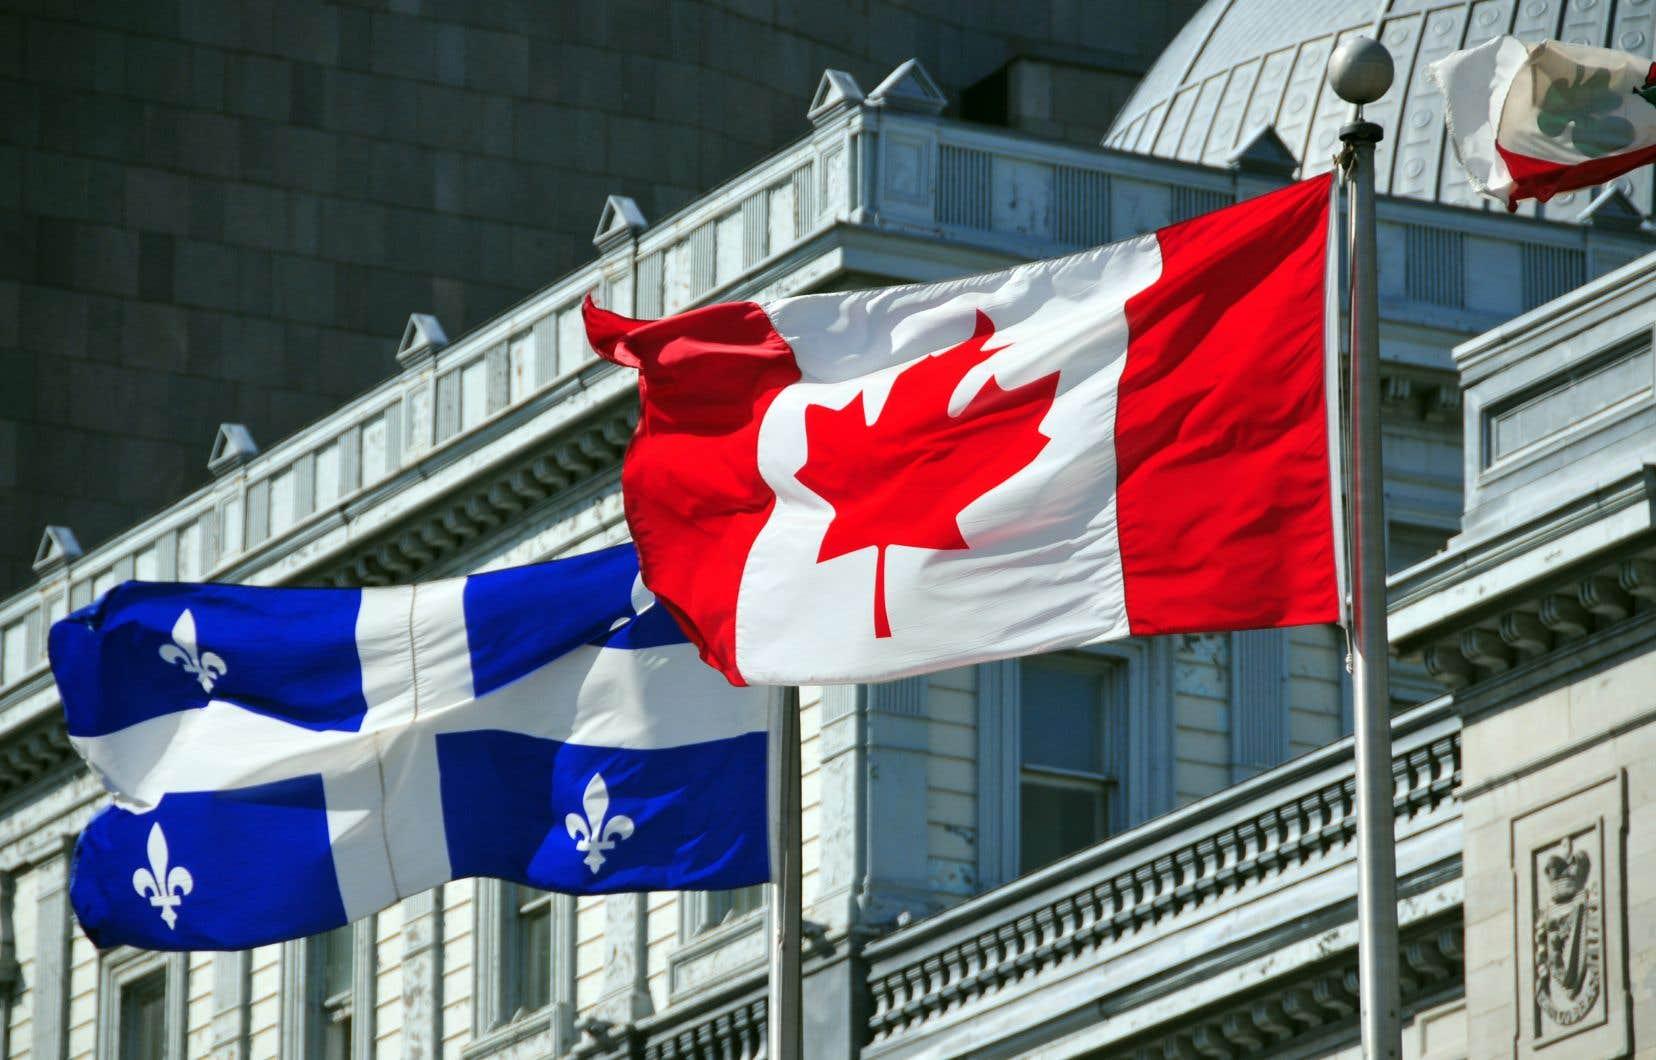 Le gouvernement fédéral, qui a été décrit comme le «gouvernement de trop» par plus d'un habitué de l'édifice Honoré-Mercier, a fait bonne impression sur le gouvernement Legault au cours des dernières semaines.